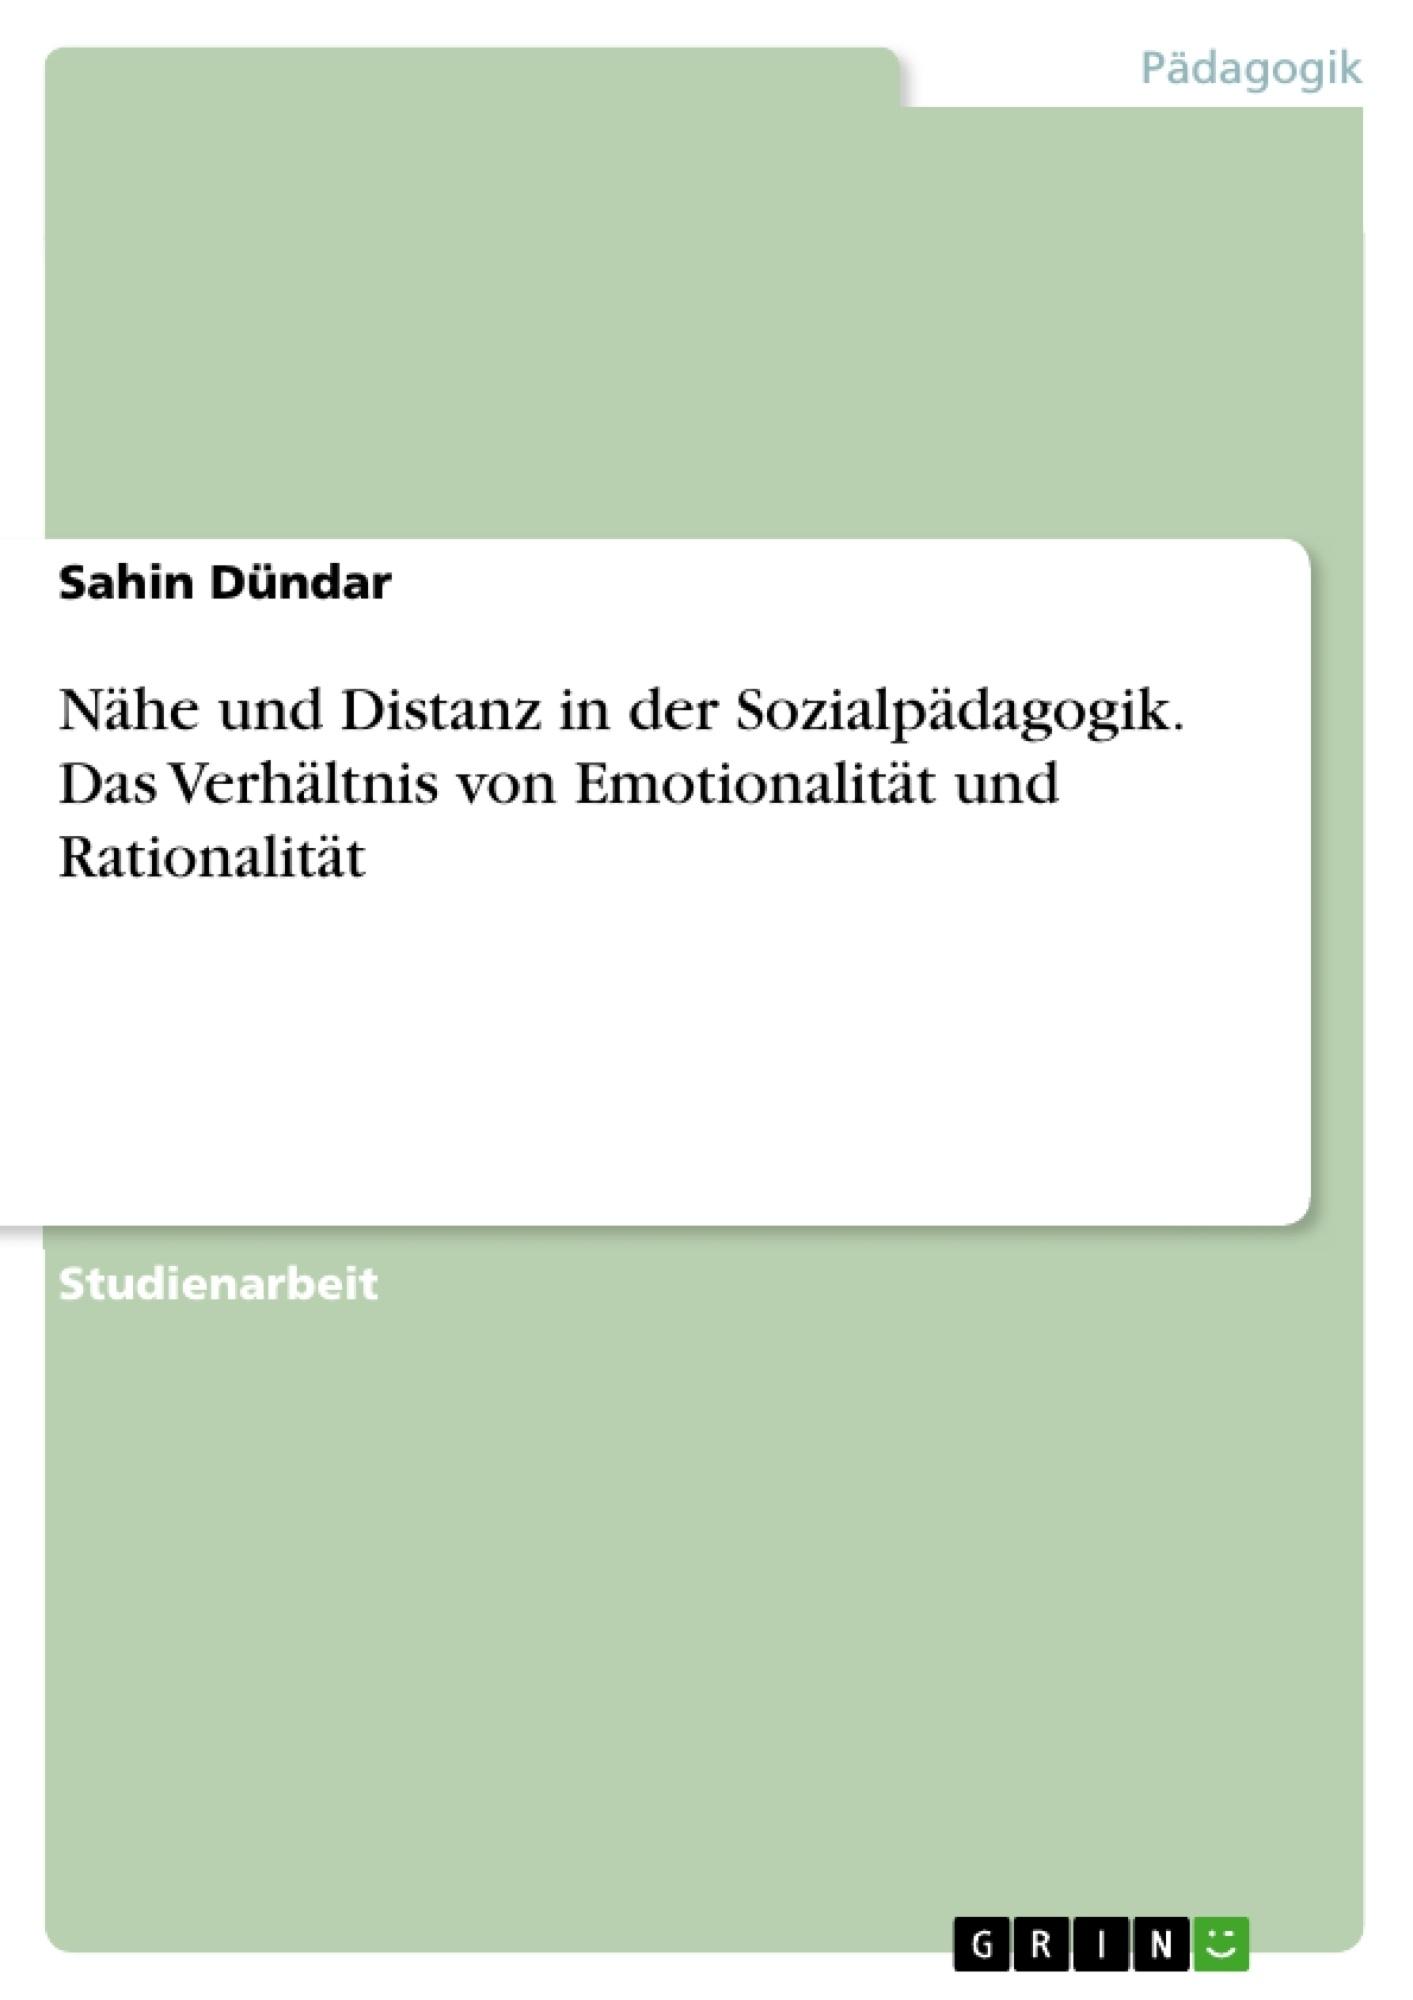 Titel: Nähe und Distanz in der Sozialpädagogik. Das Verhältnis von Emotionalität und Rationalität